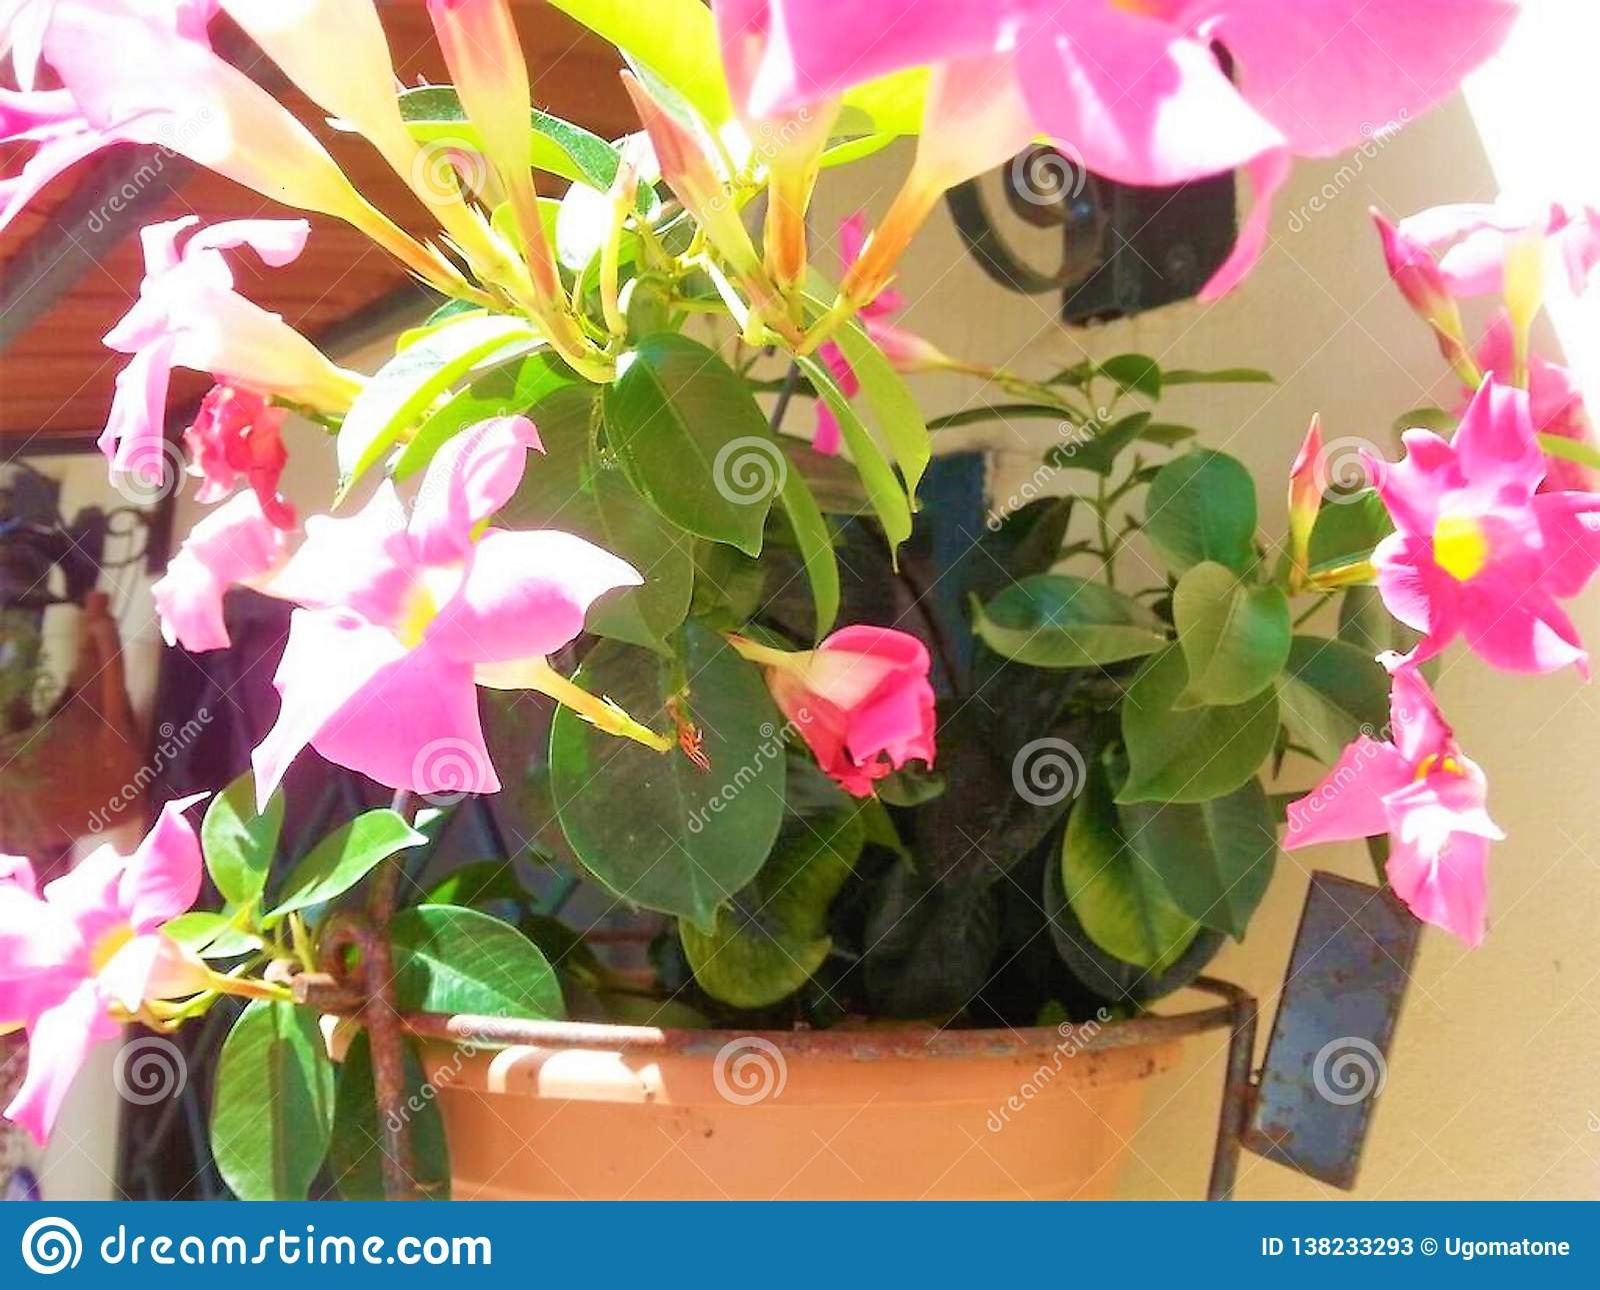 Vaas met Mandevilla-bloemen